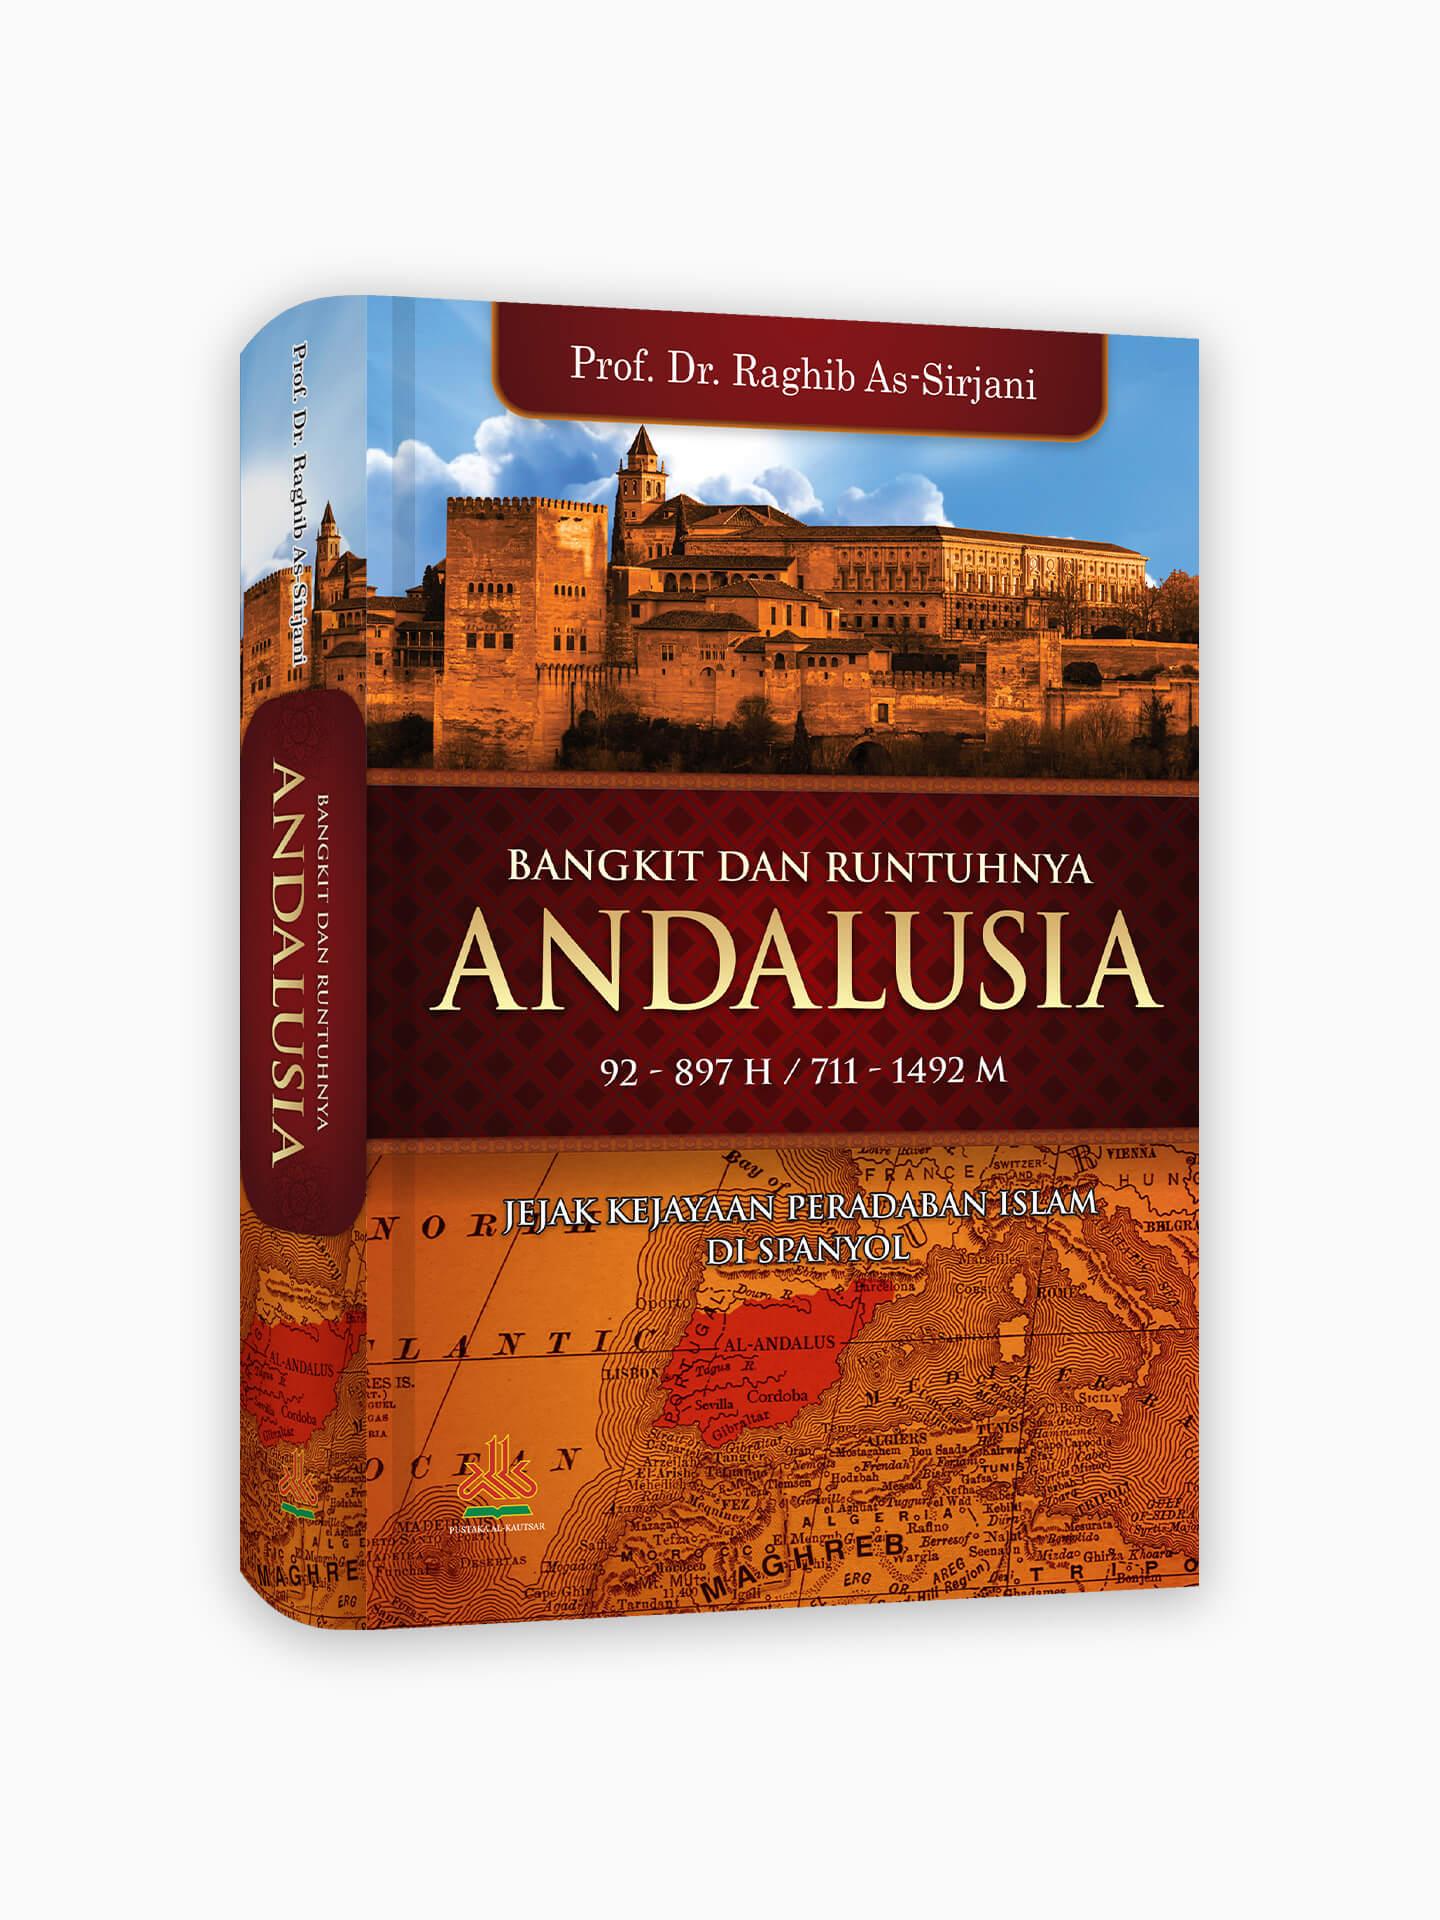 Bangkit dan Runtuhnya Andalusia